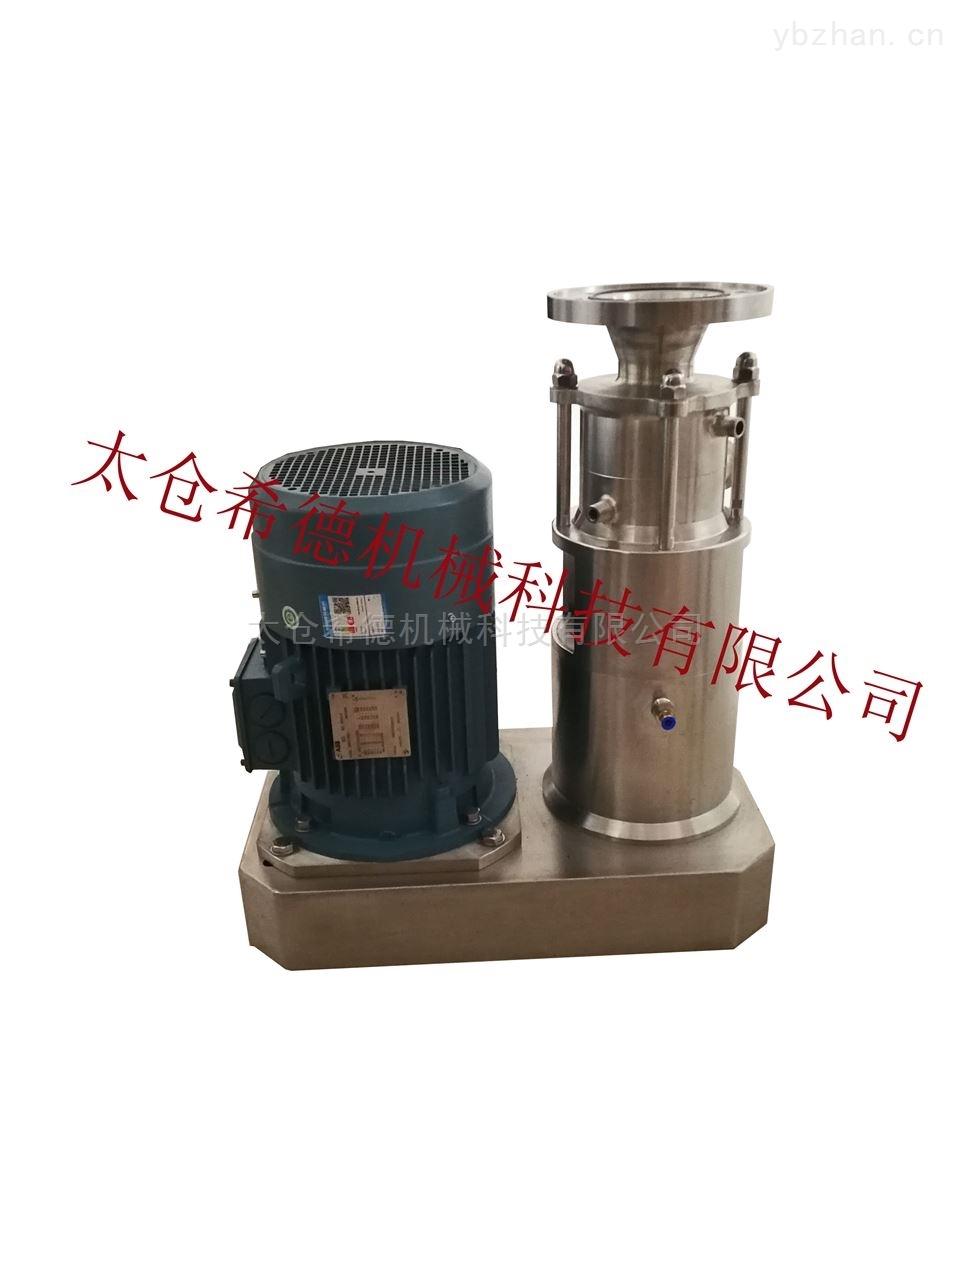 SDH3-石墨烯复合材料高剪切分散机